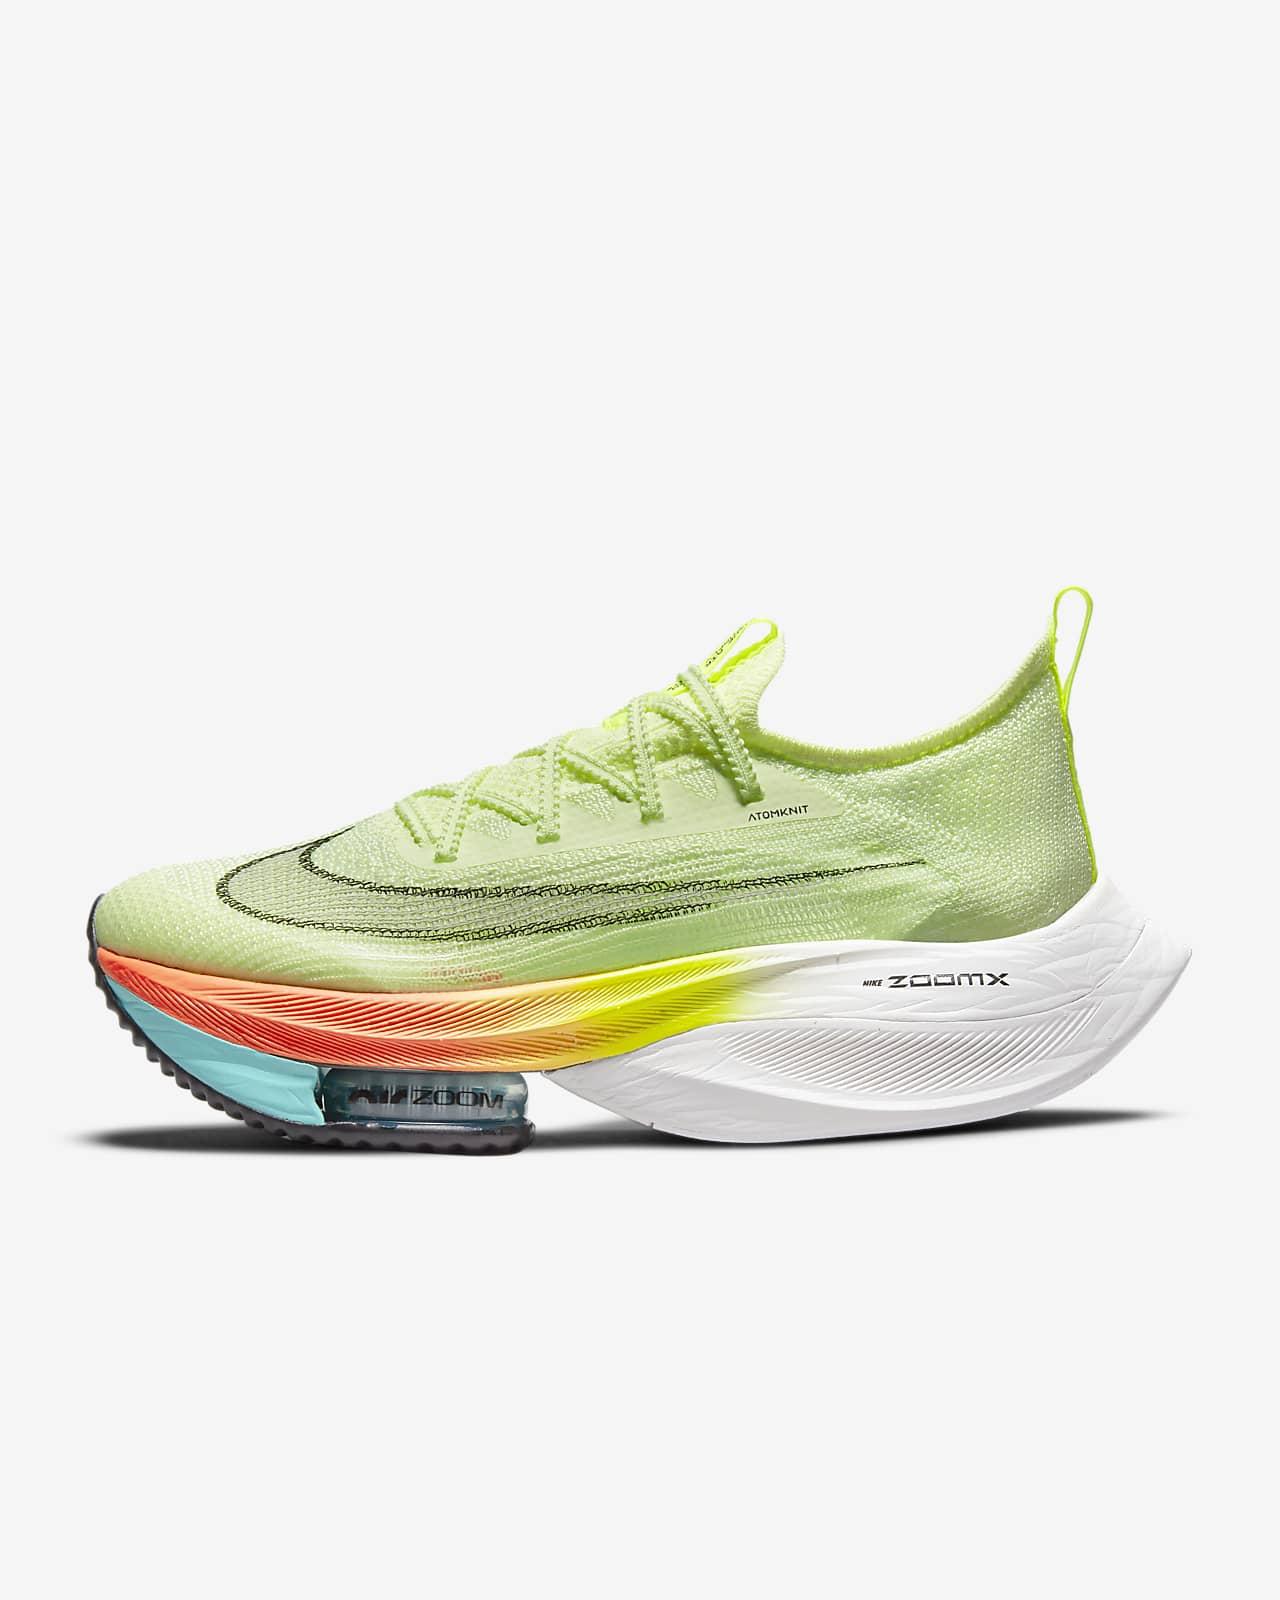 Nike Air Zoom Alphafly NEXT% Damen-Laufschuh für Wettkämpfe